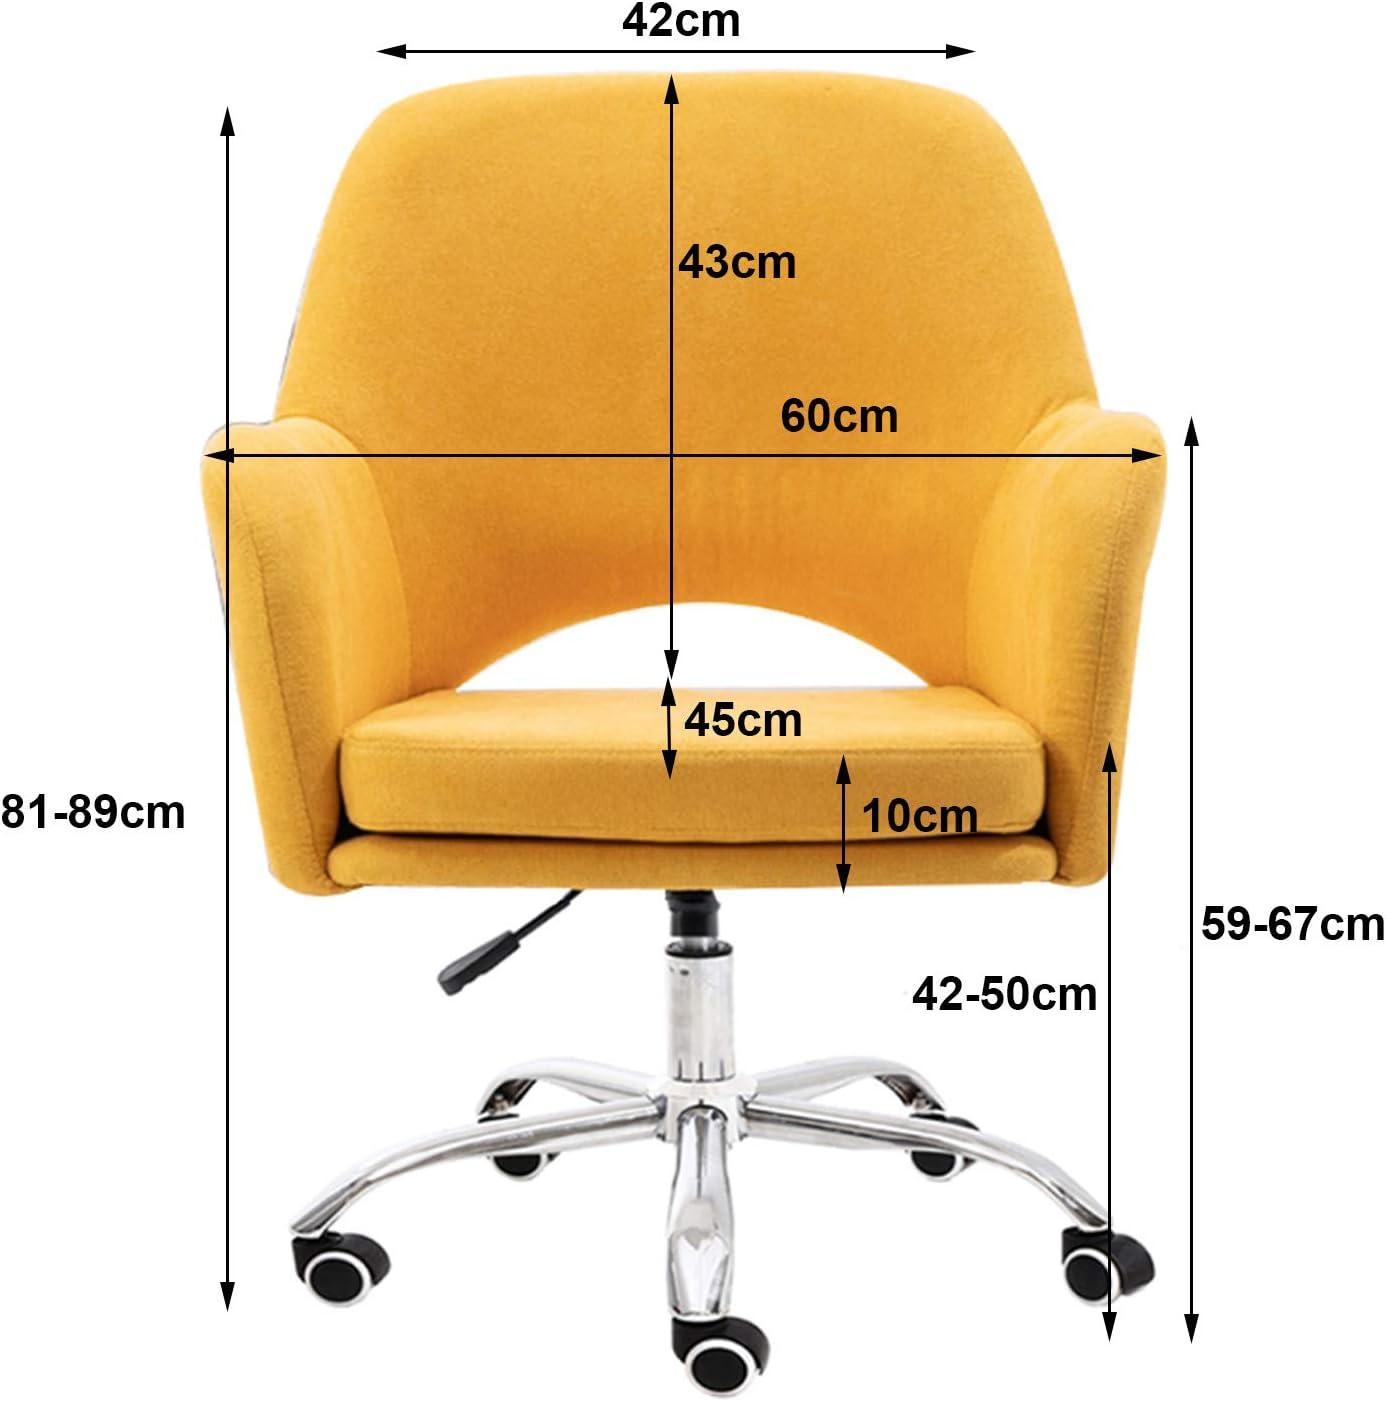 LIYIN Chaise de Bureau en Lin à Dossier Moyen Chaise d'ordinateur pivotante Ergonomique avec Support Lombaire Chaise de Travail réglable en Hauteur Yellow